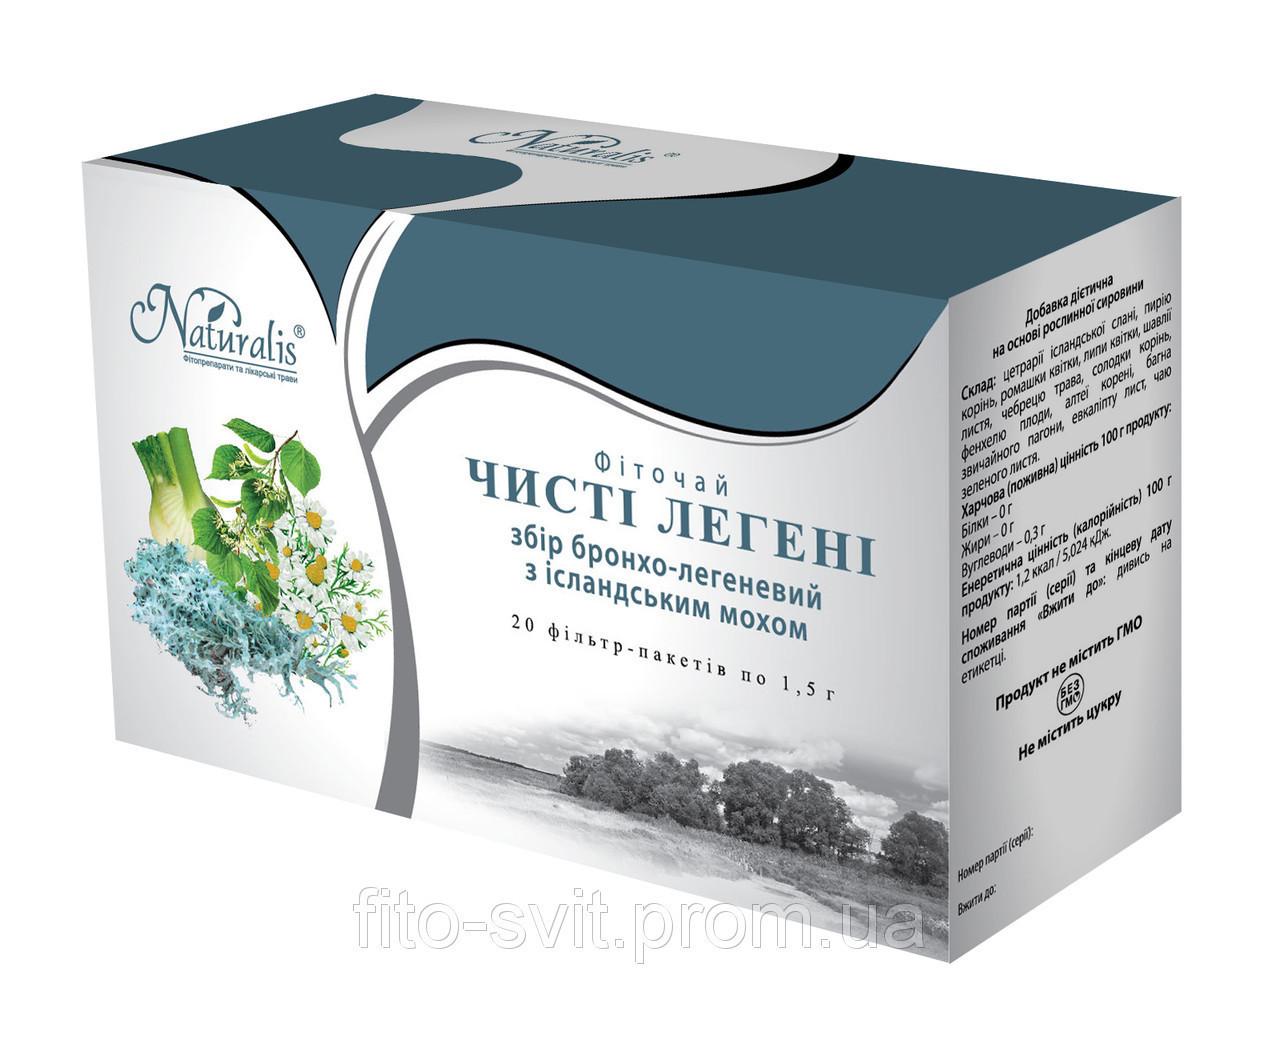 Чистые лёгкие (бронхо-легочный с исландским мхом) 20пак